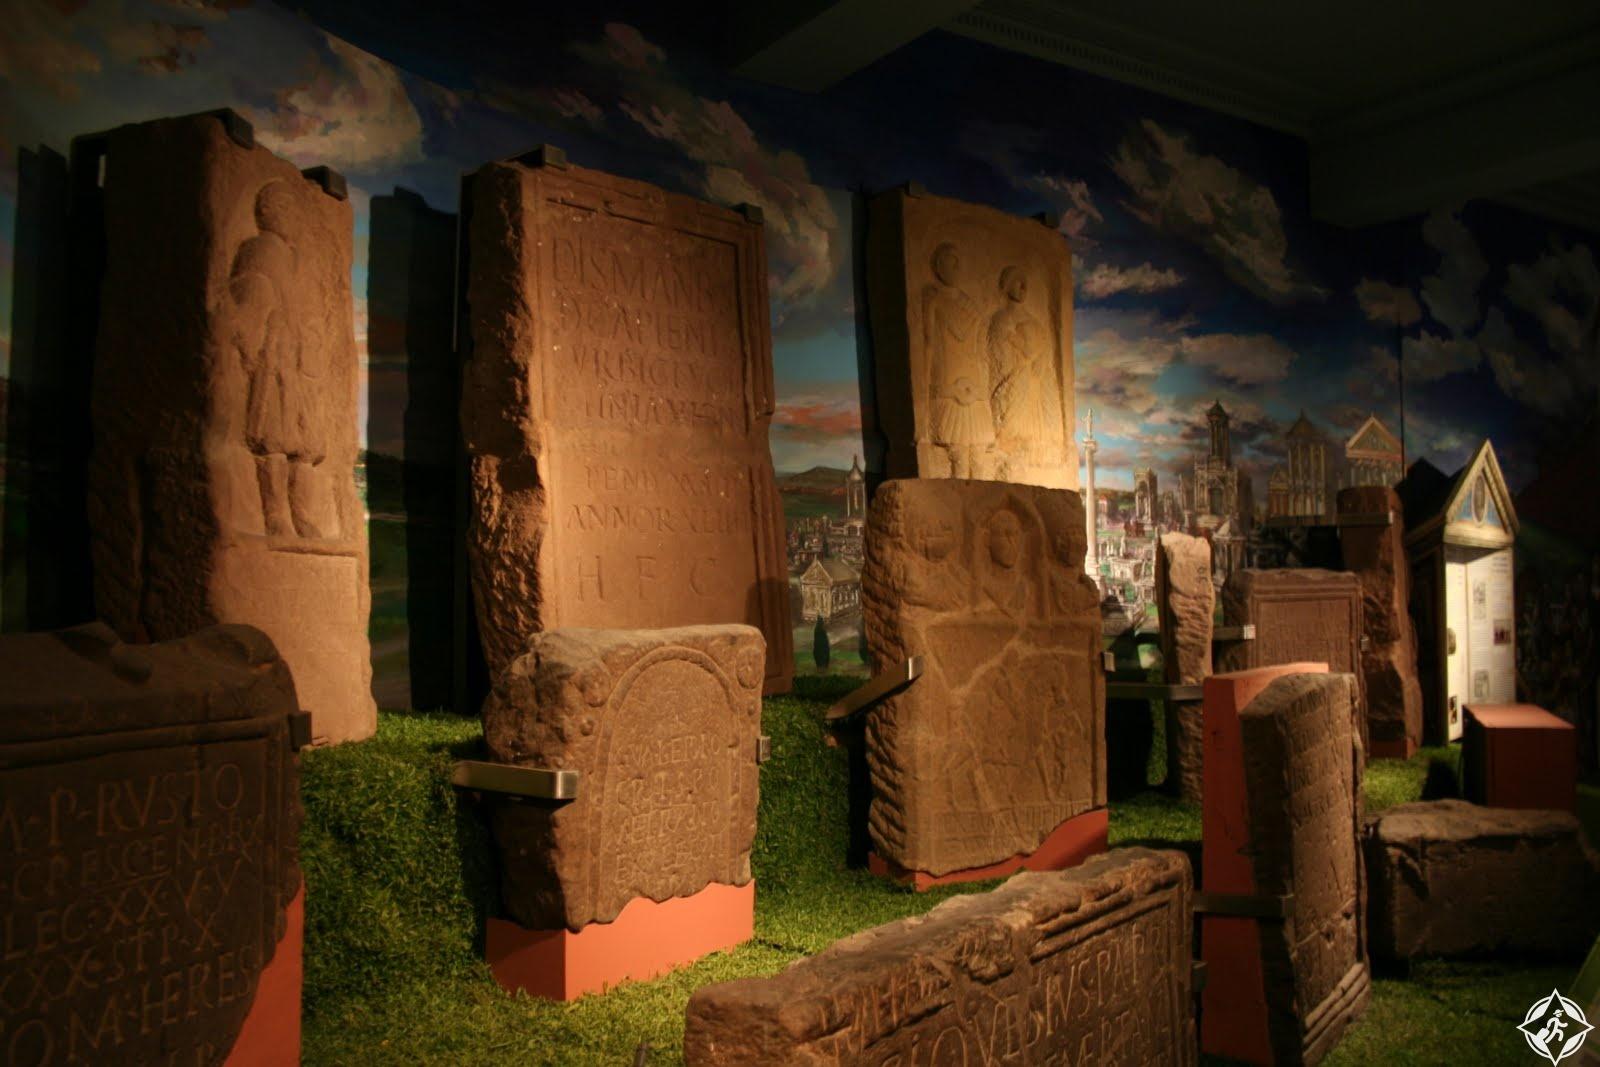 متحف غروسفينور- المملكة المتحدة - تشيستر